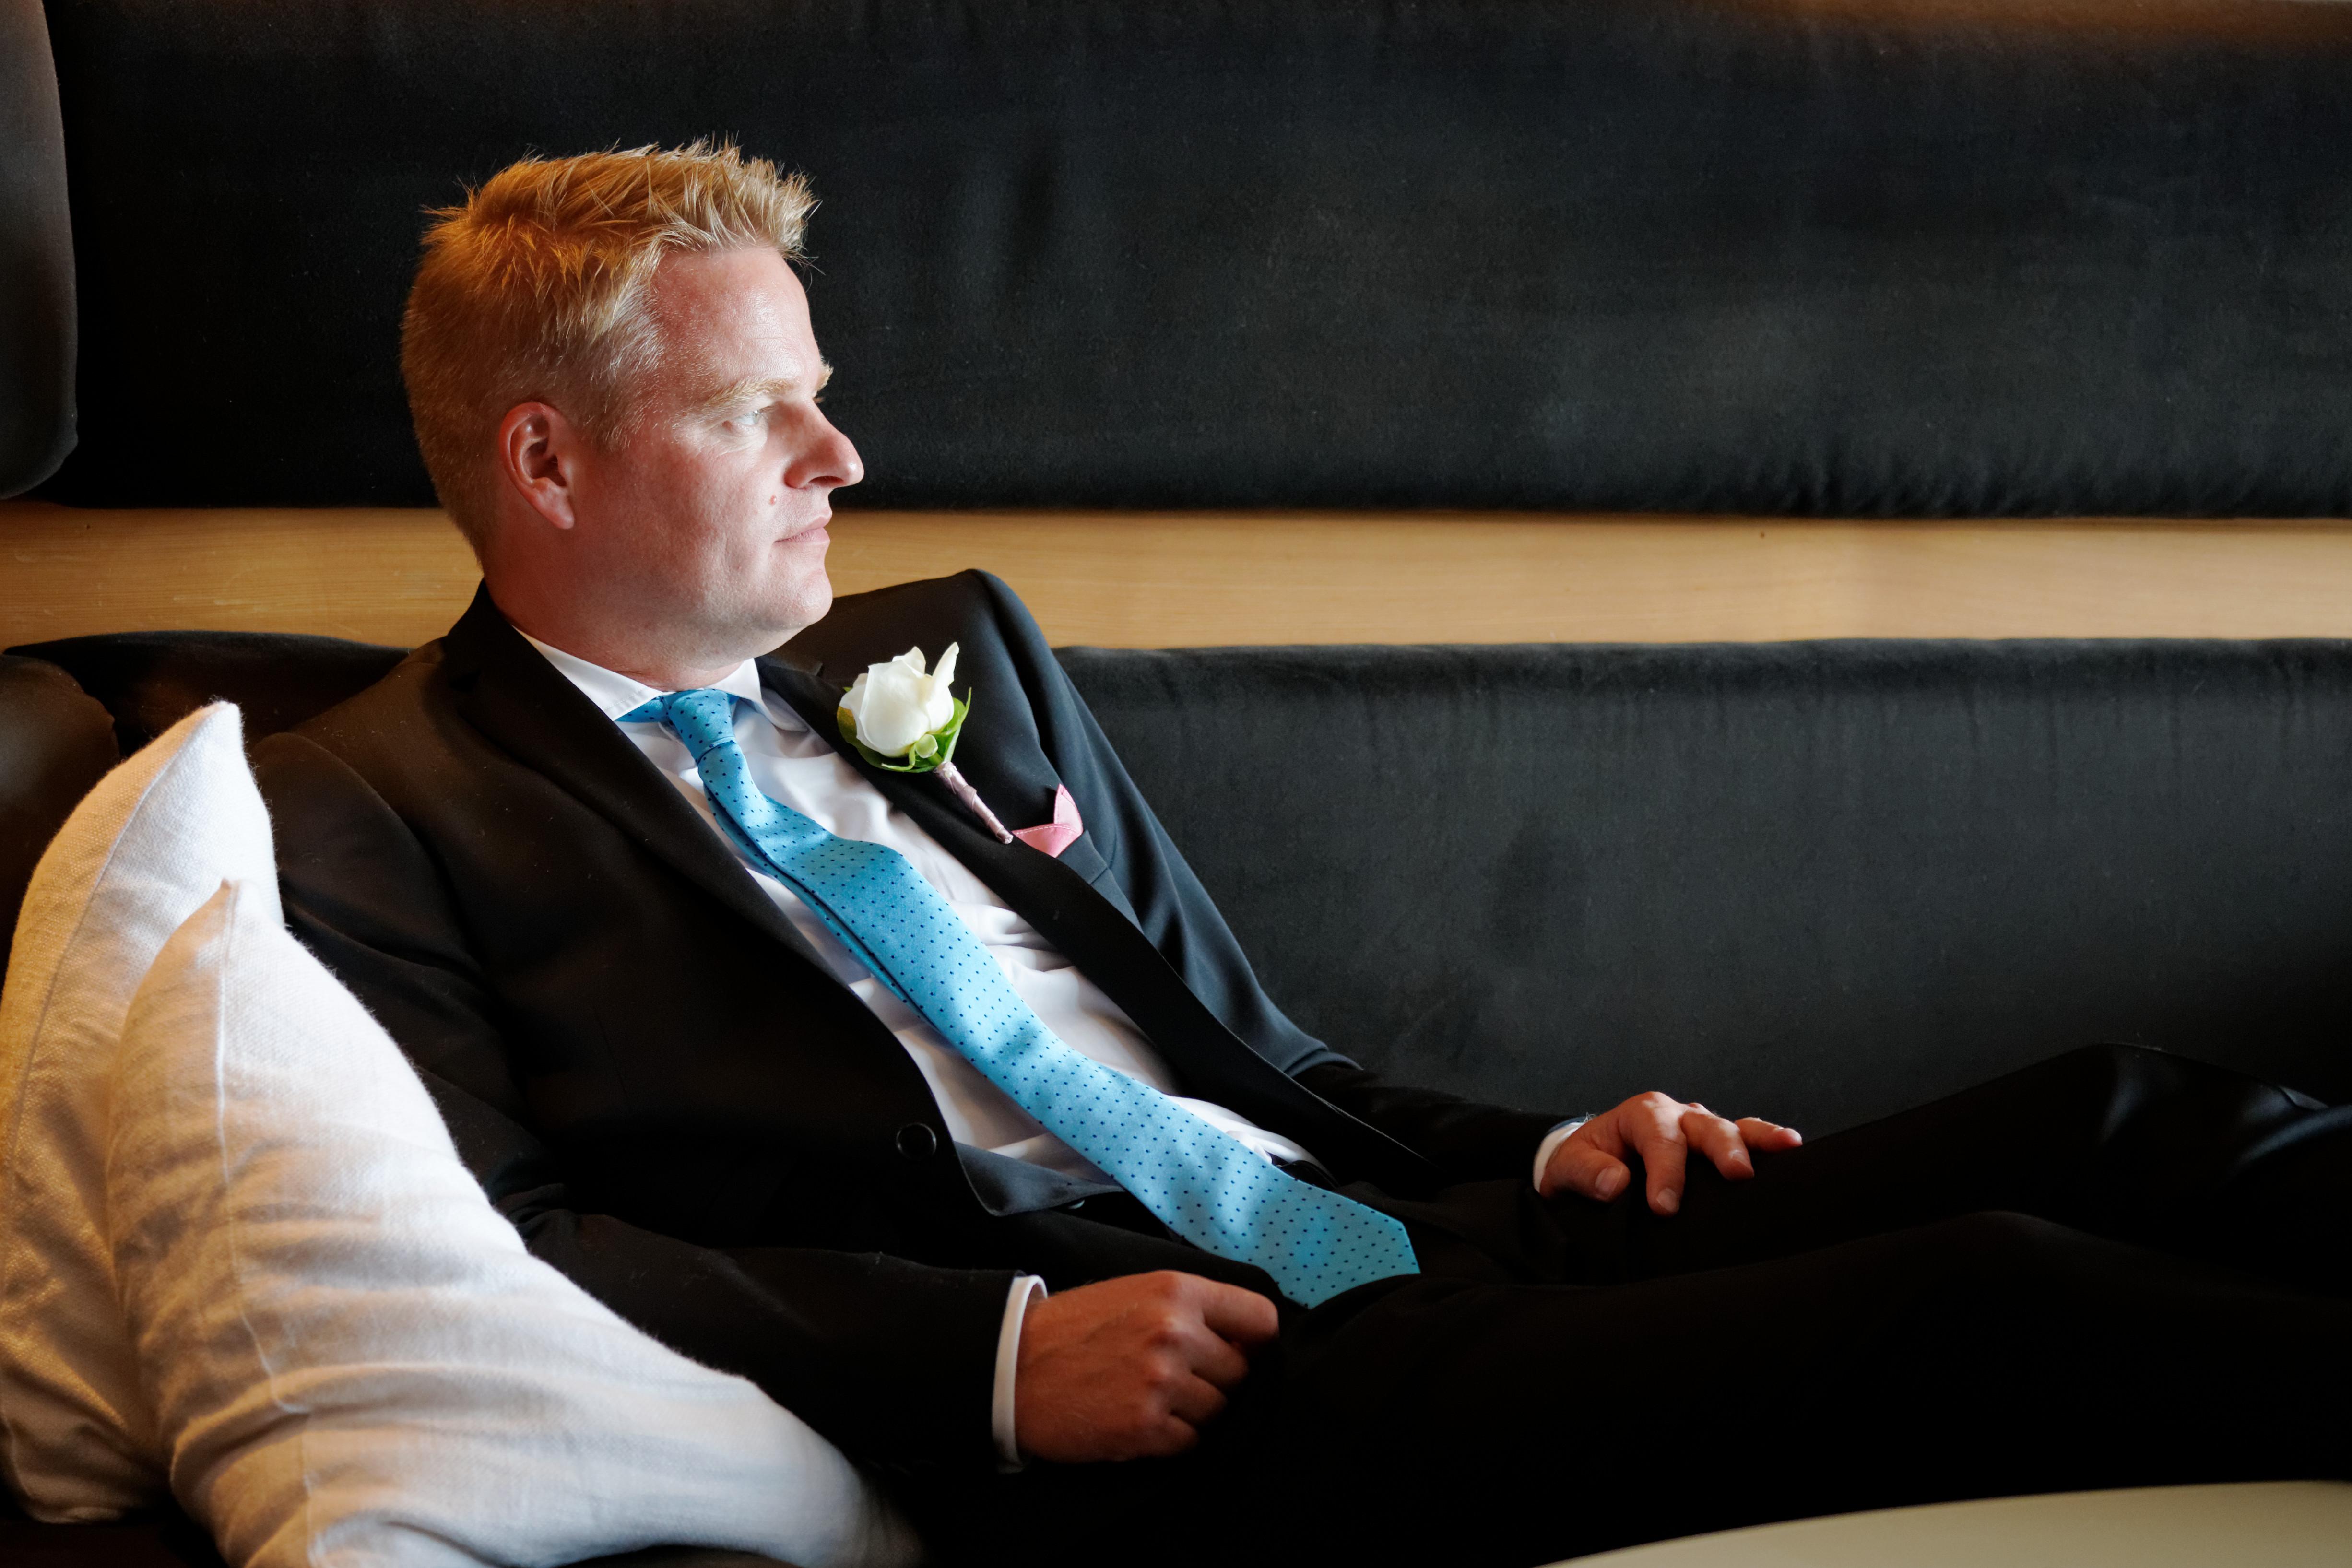 Bröllopsporträtt 3: Björn i soffa